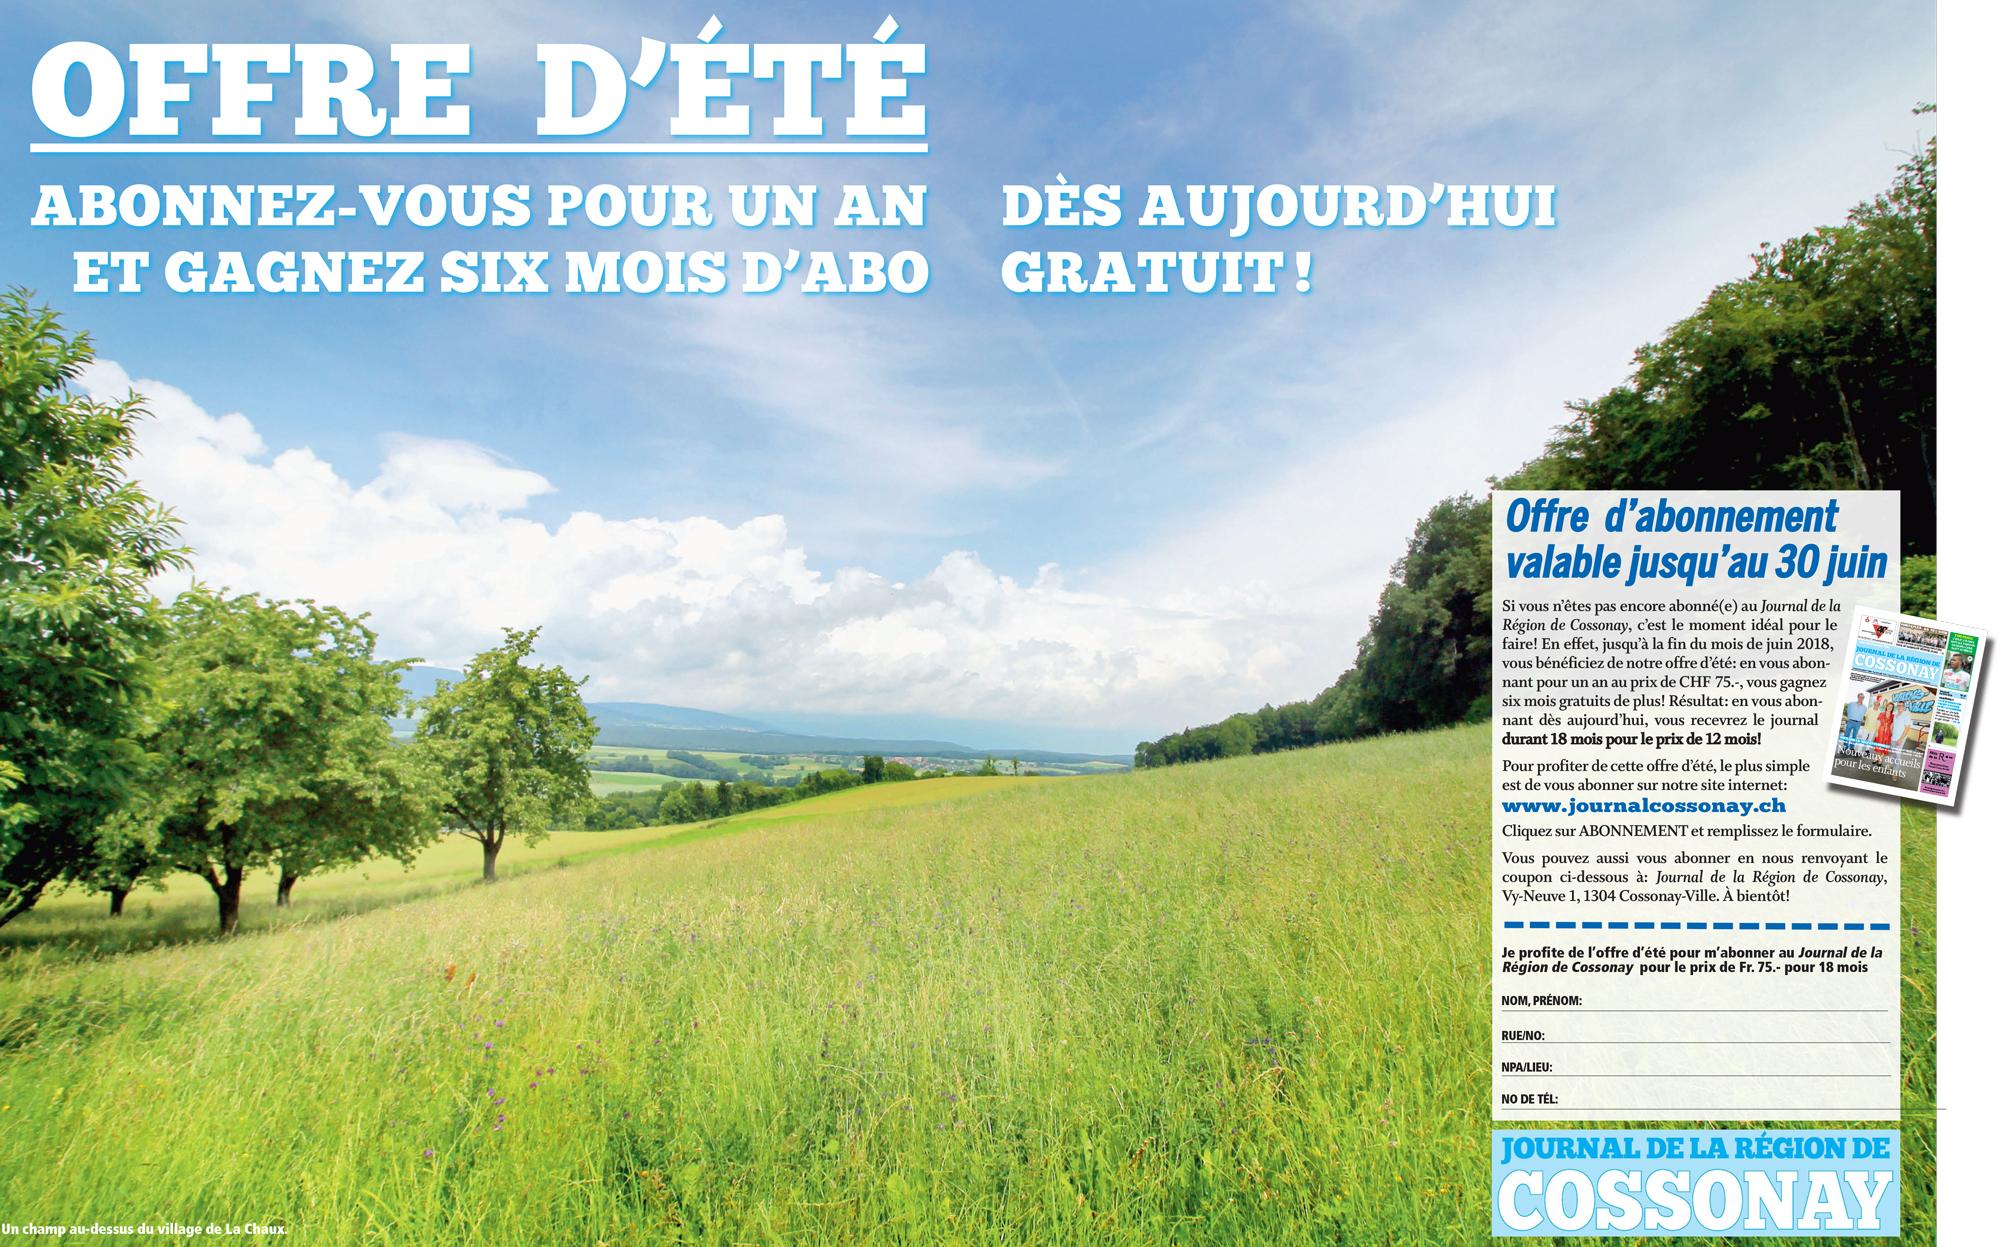 Abonnez-vous au Journal de la région de Cossonay – Offre spéciale d'été